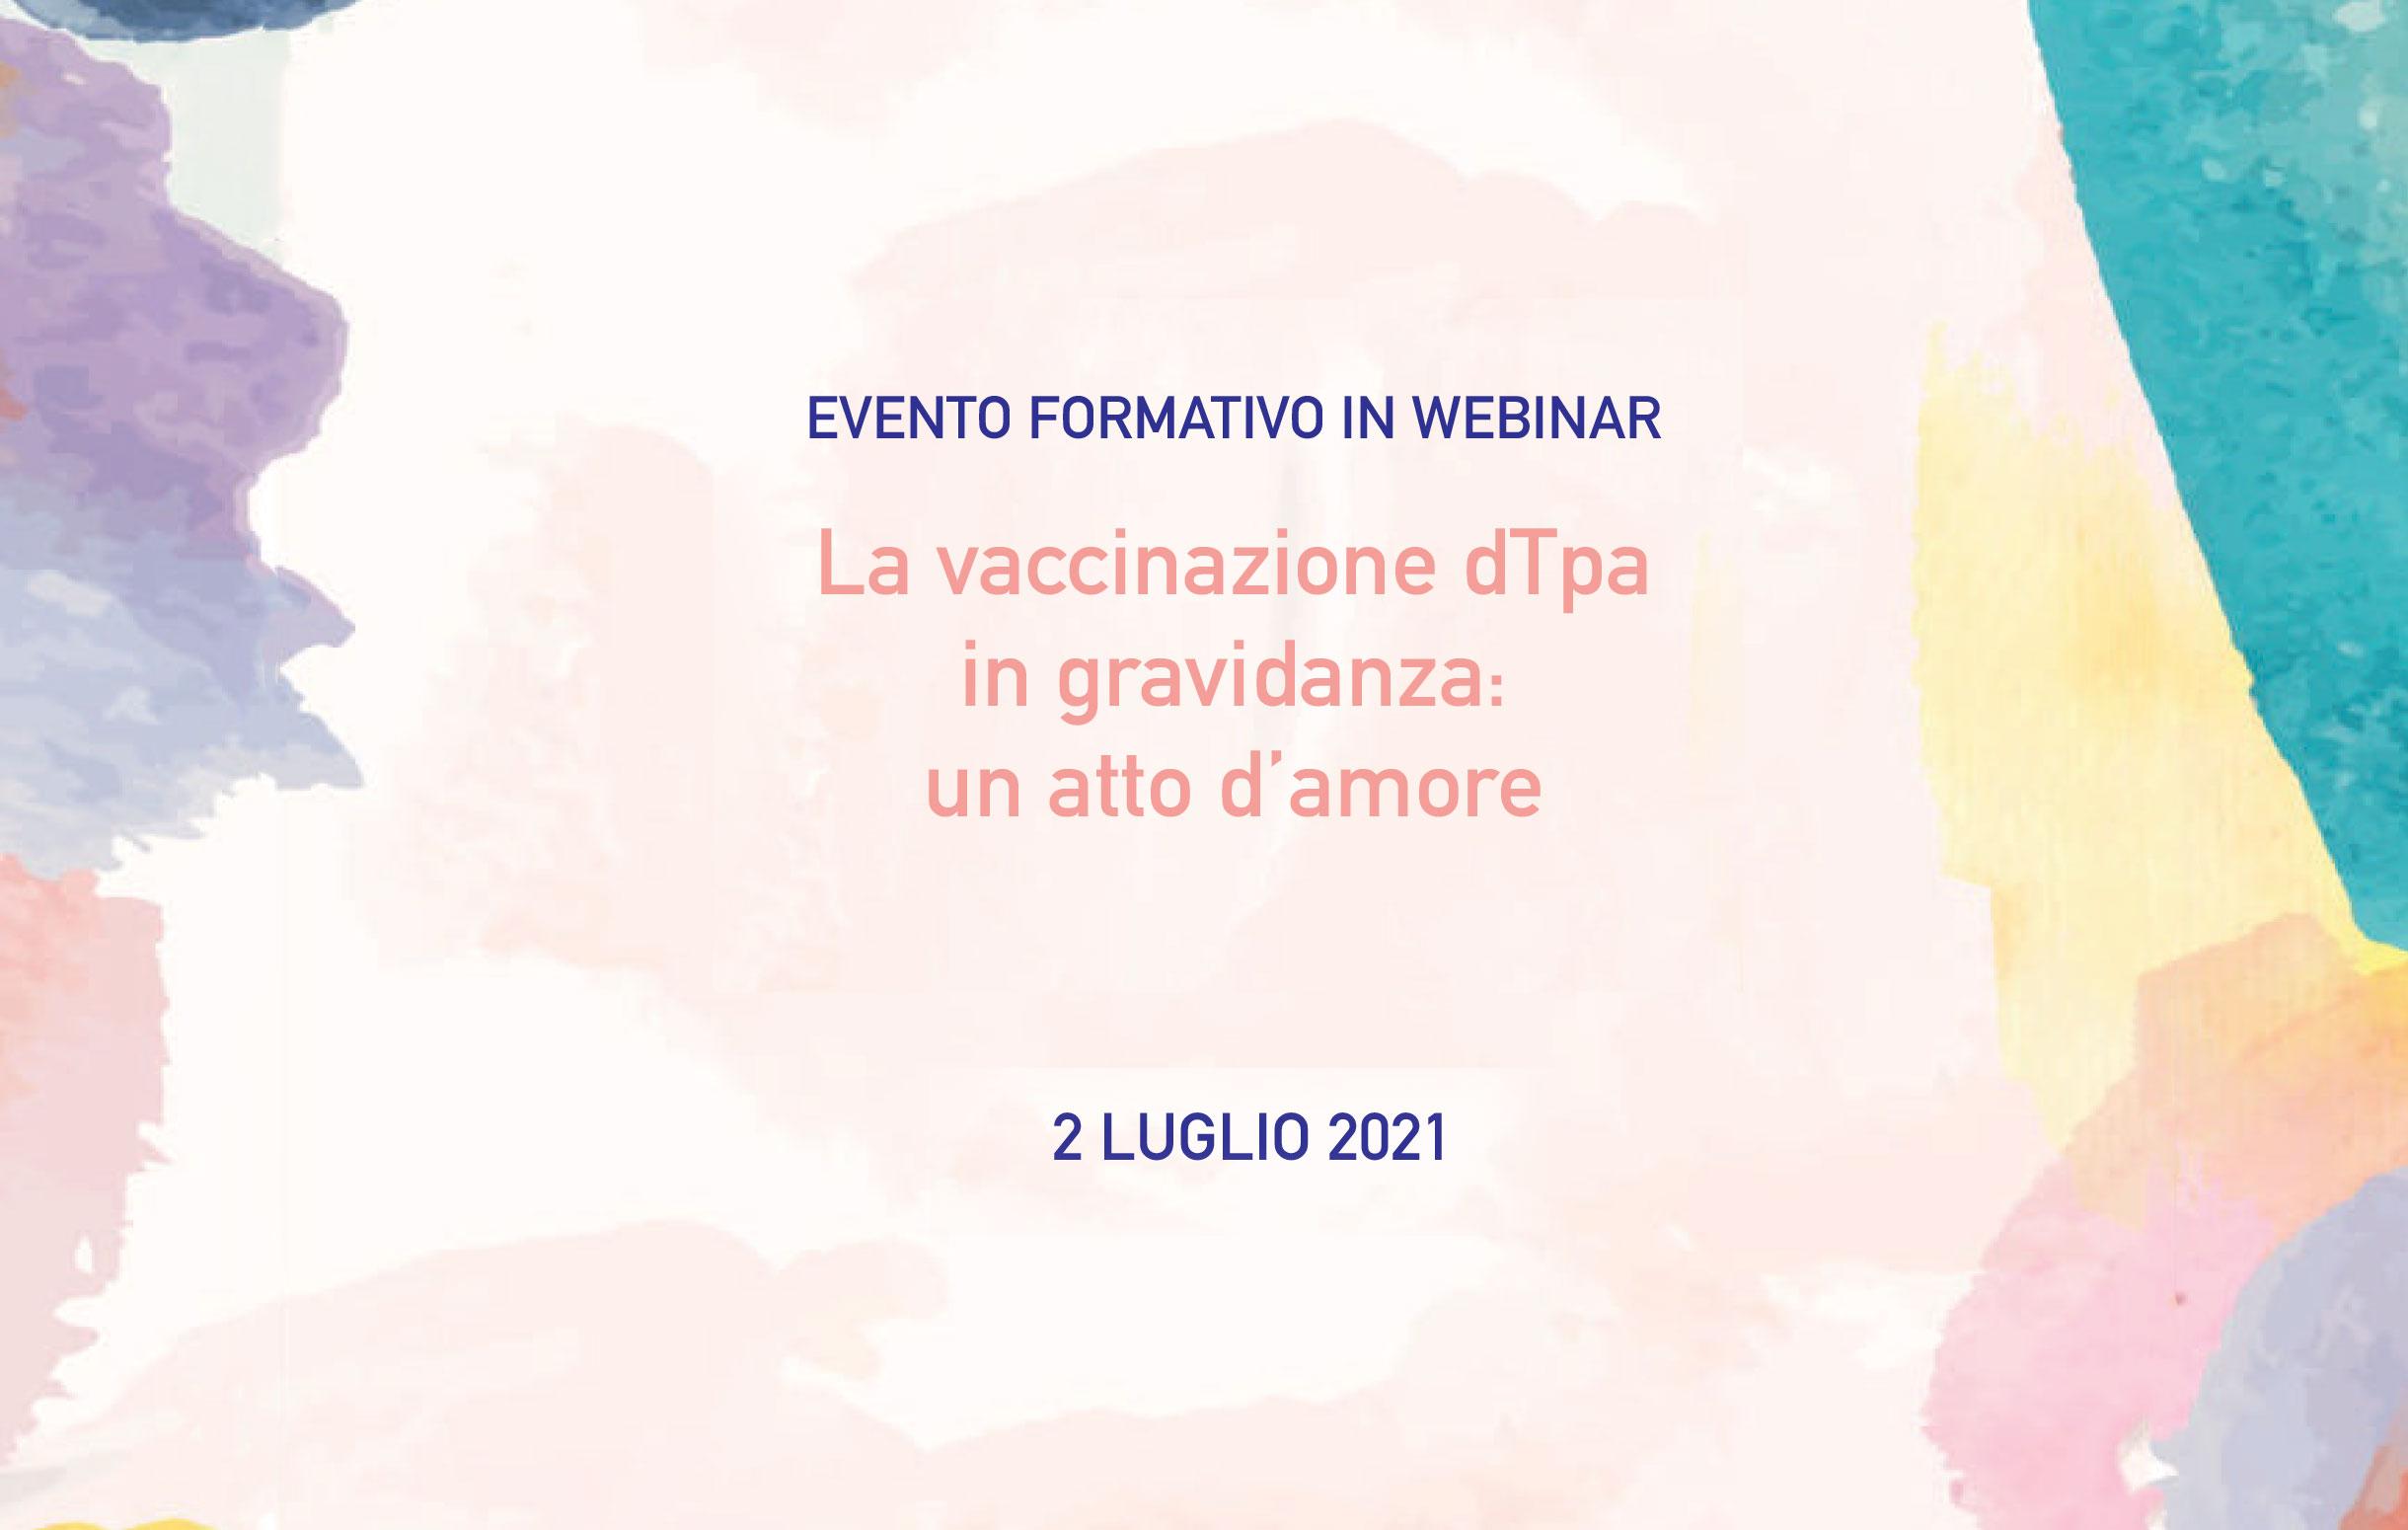 Evento Formativo in Webinar – La vaccinazione dTpa in gravidanza: un atto d'amore | 2 Luglio